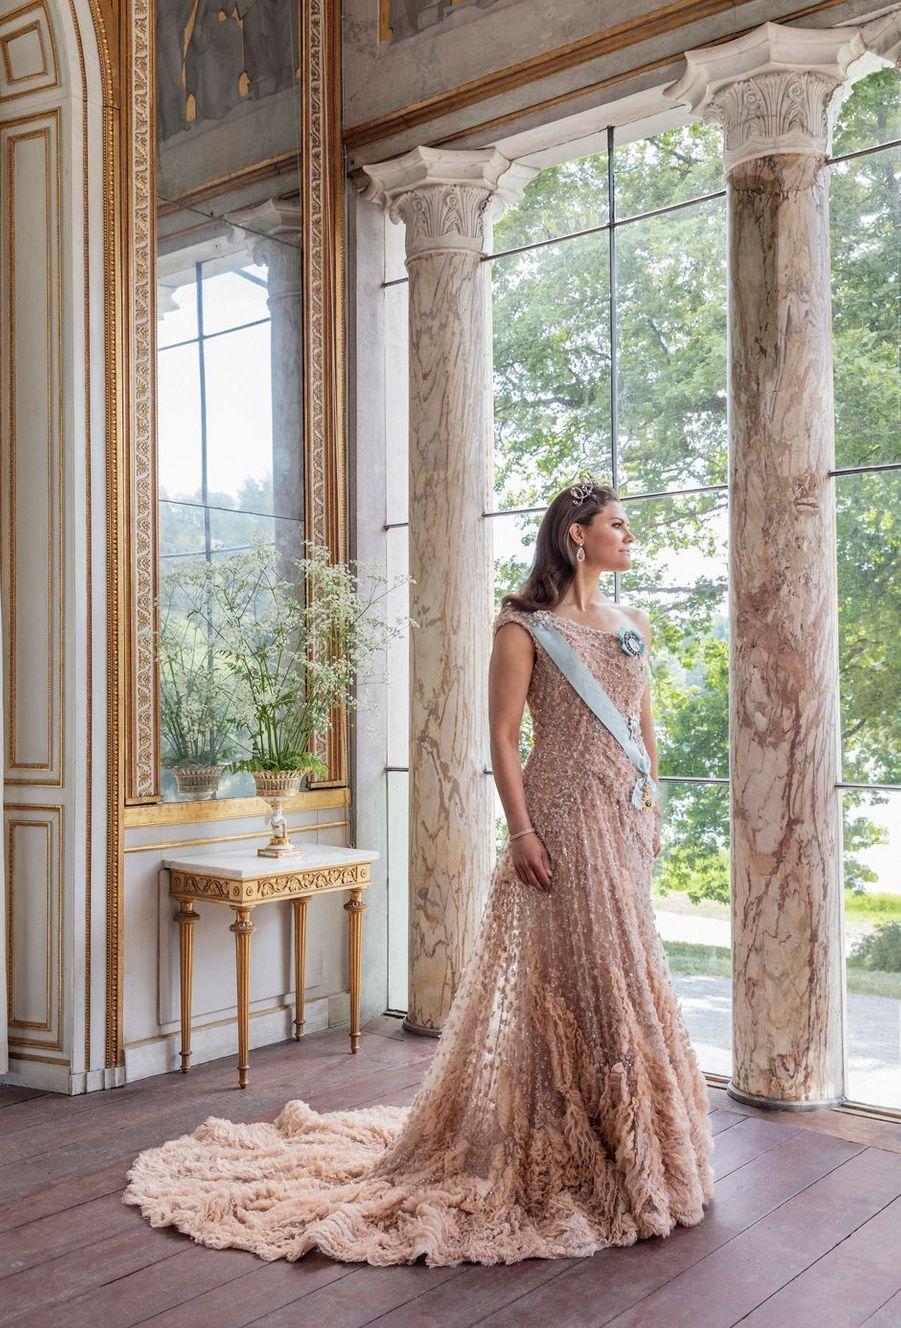 La princesse héritière Victoria de Suède. L'un des portraits réalisés pour ses 10 ans de mariage, le 19 juin 2020